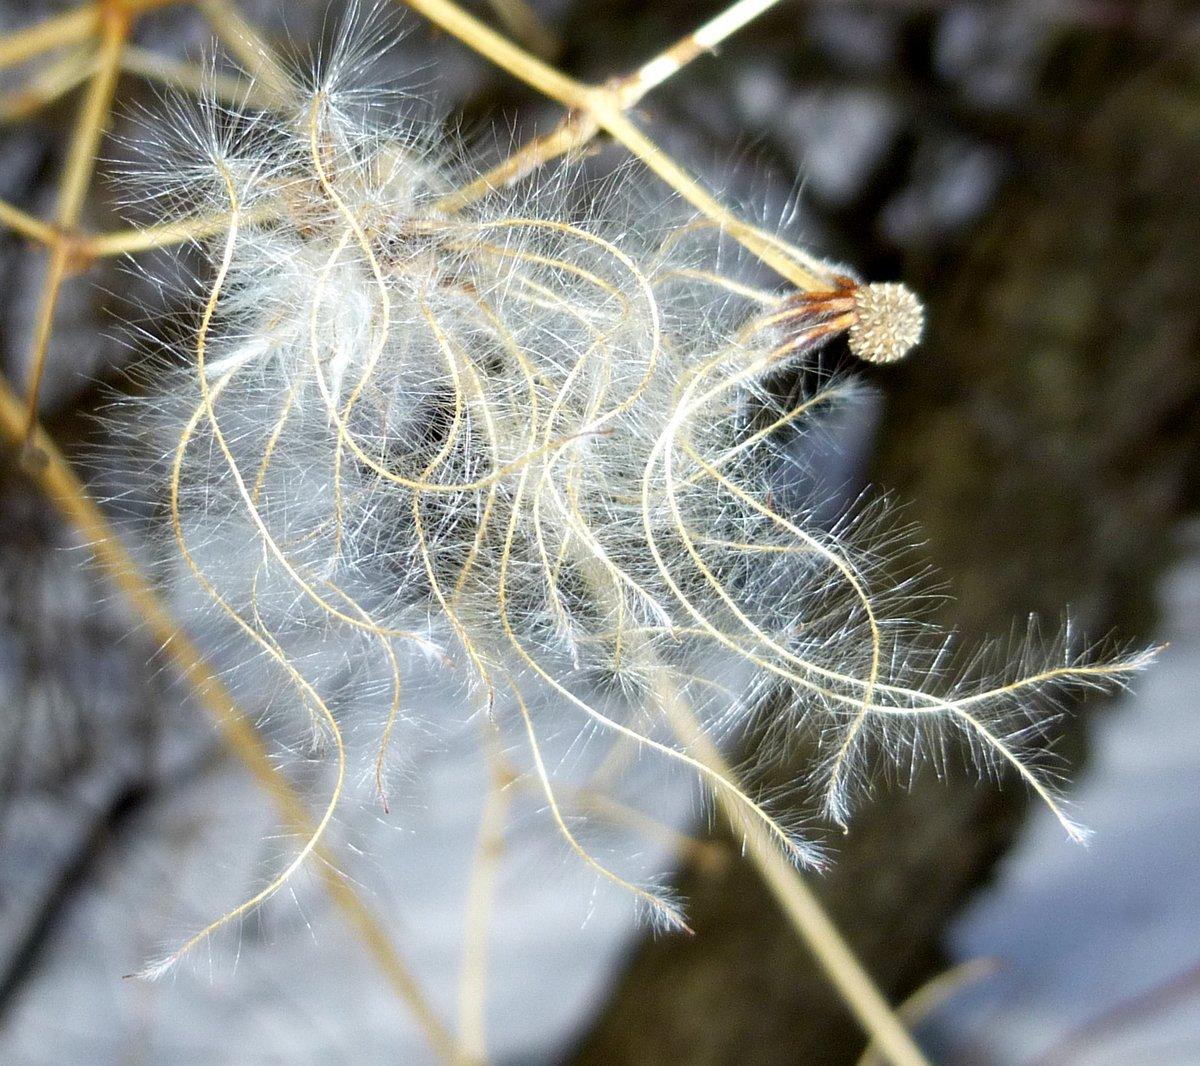 5. Virgin's Bower Seeds